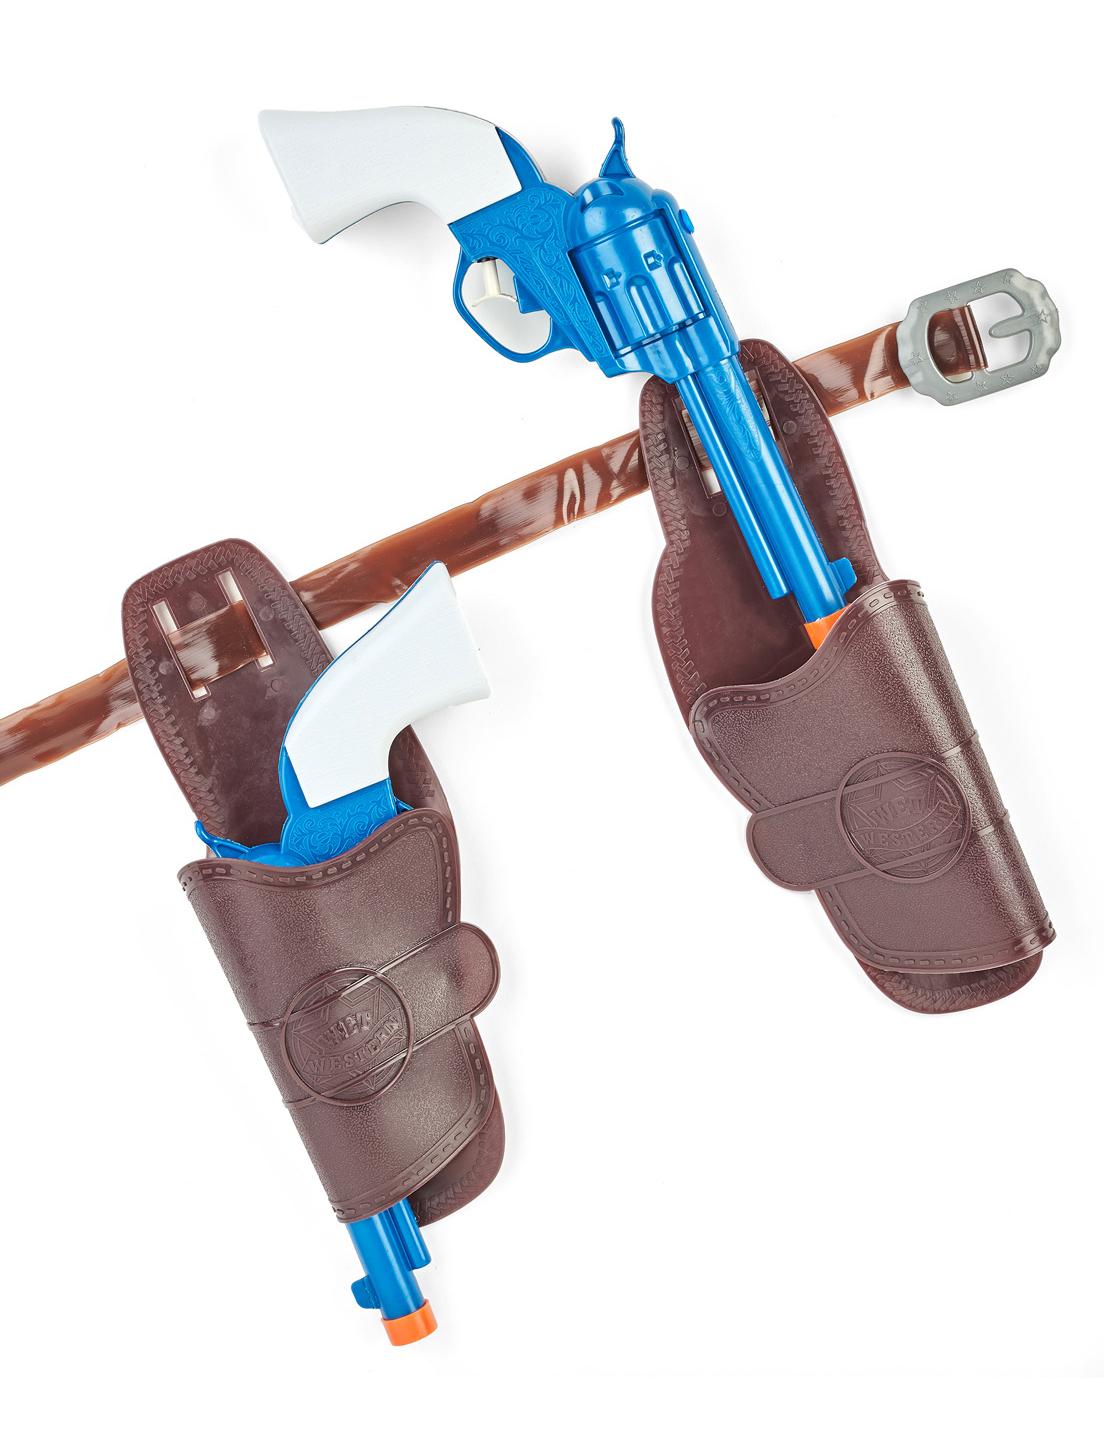 pistolets cowboy en plastique avec tuis deguise toi achat de accessoires. Black Bedroom Furniture Sets. Home Design Ideas